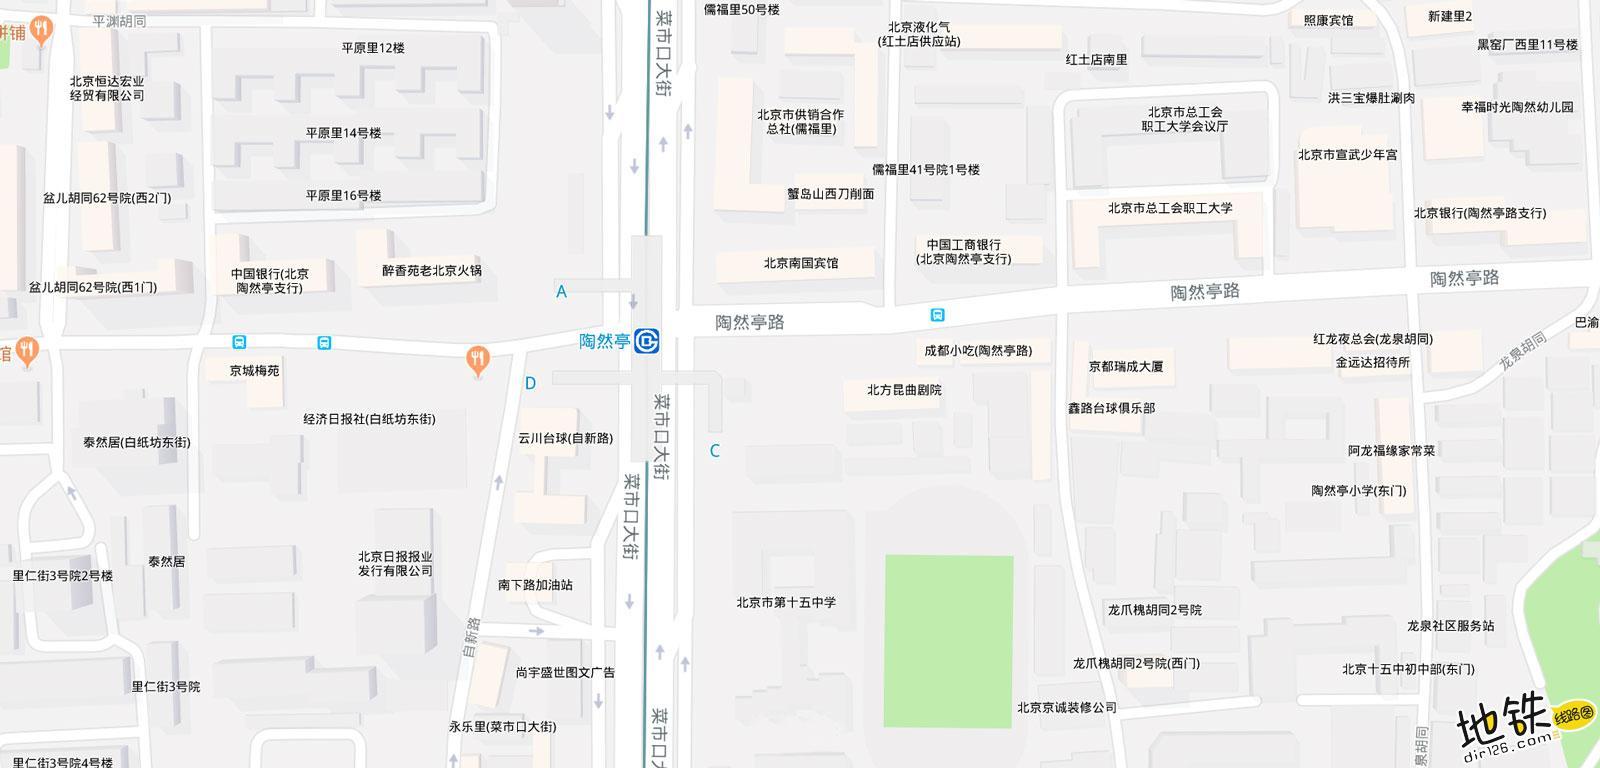 陶然亭地铁站 北京地铁陶然亭站出入口 地图信息查询  北京地铁站  第2张